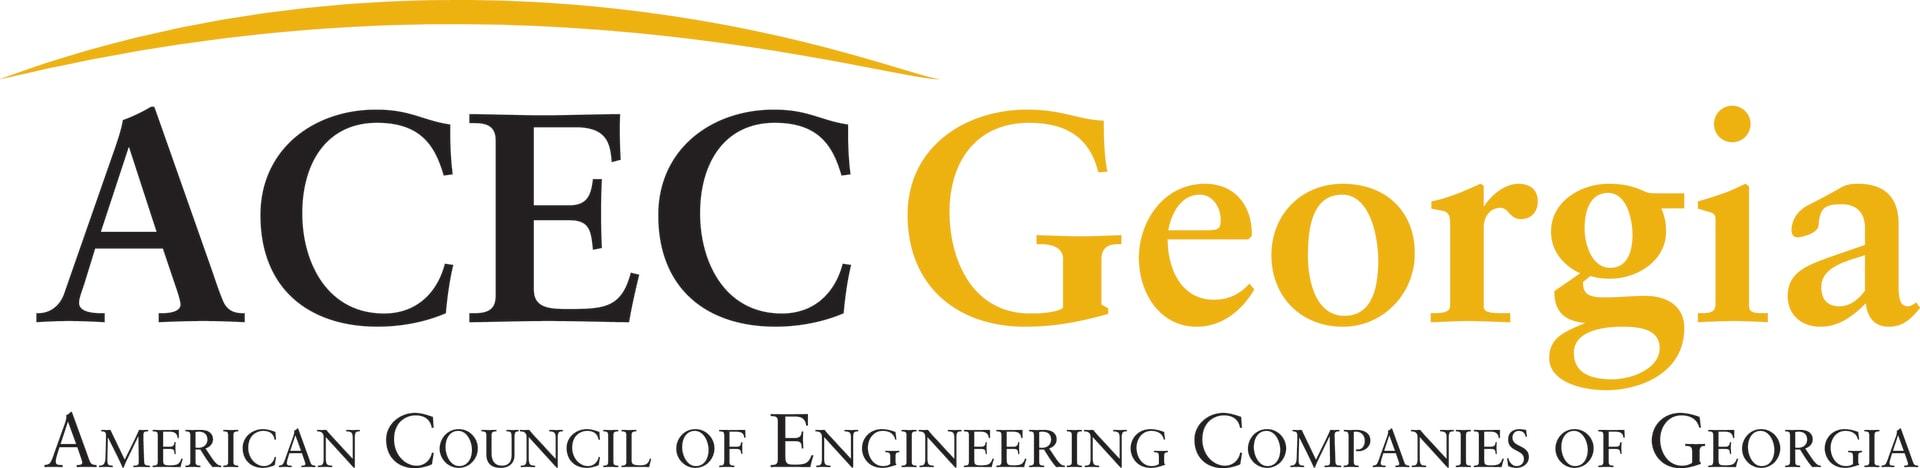 ACEC-Georgia-Logo-1920px